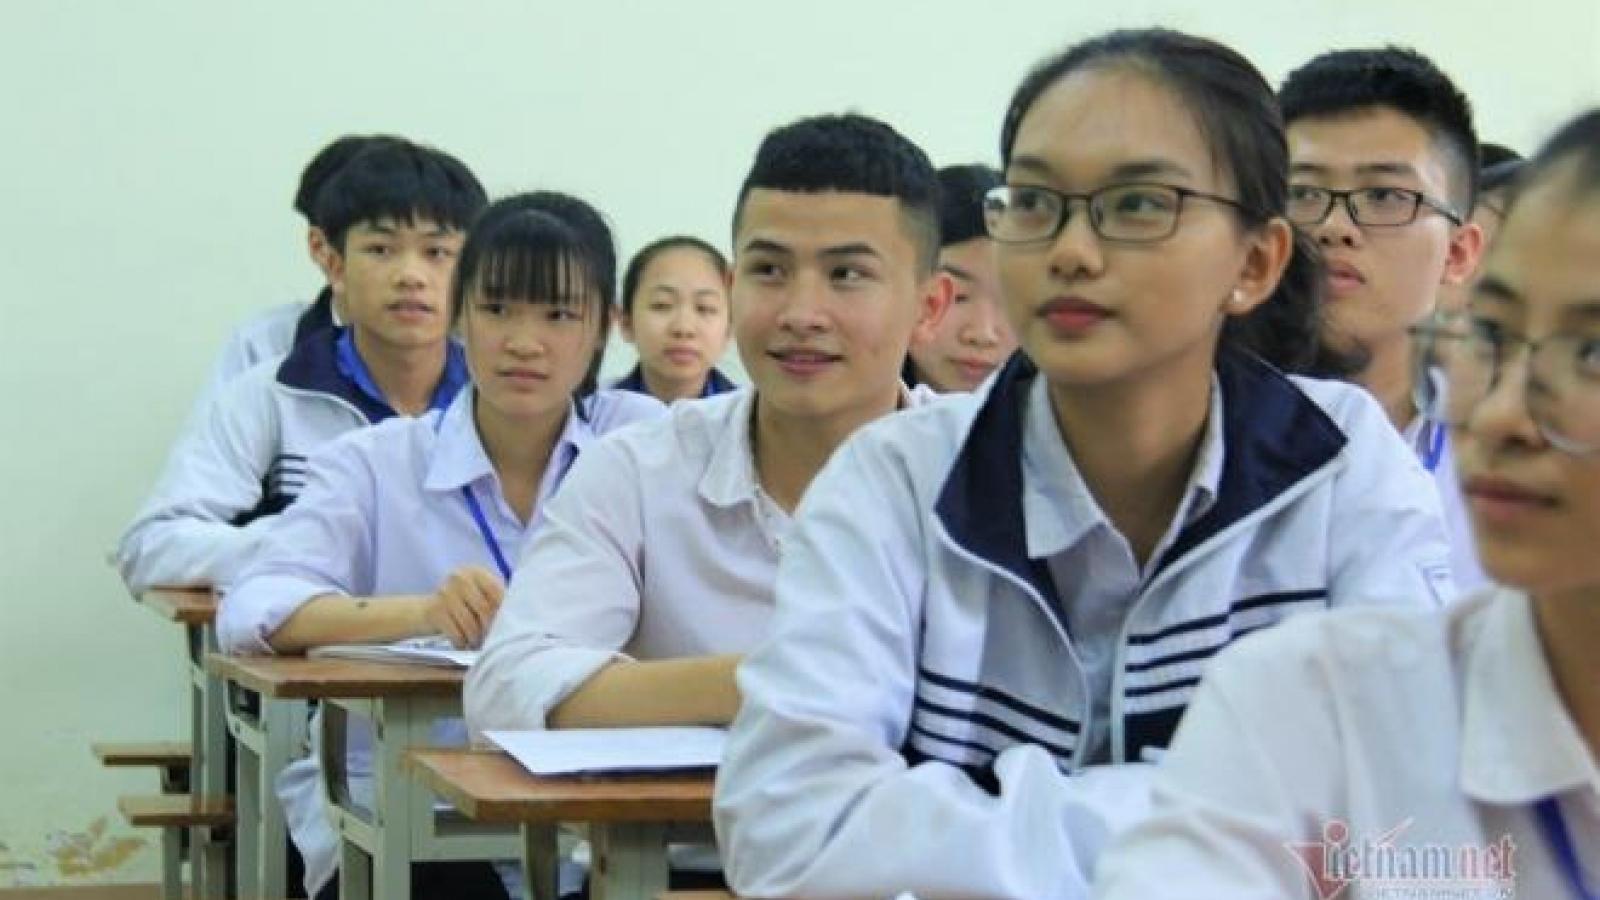 Hôm nay, hơn 4.500 học sinh bắt đầu thi chọn học sinh giỏi quốc gia 2020